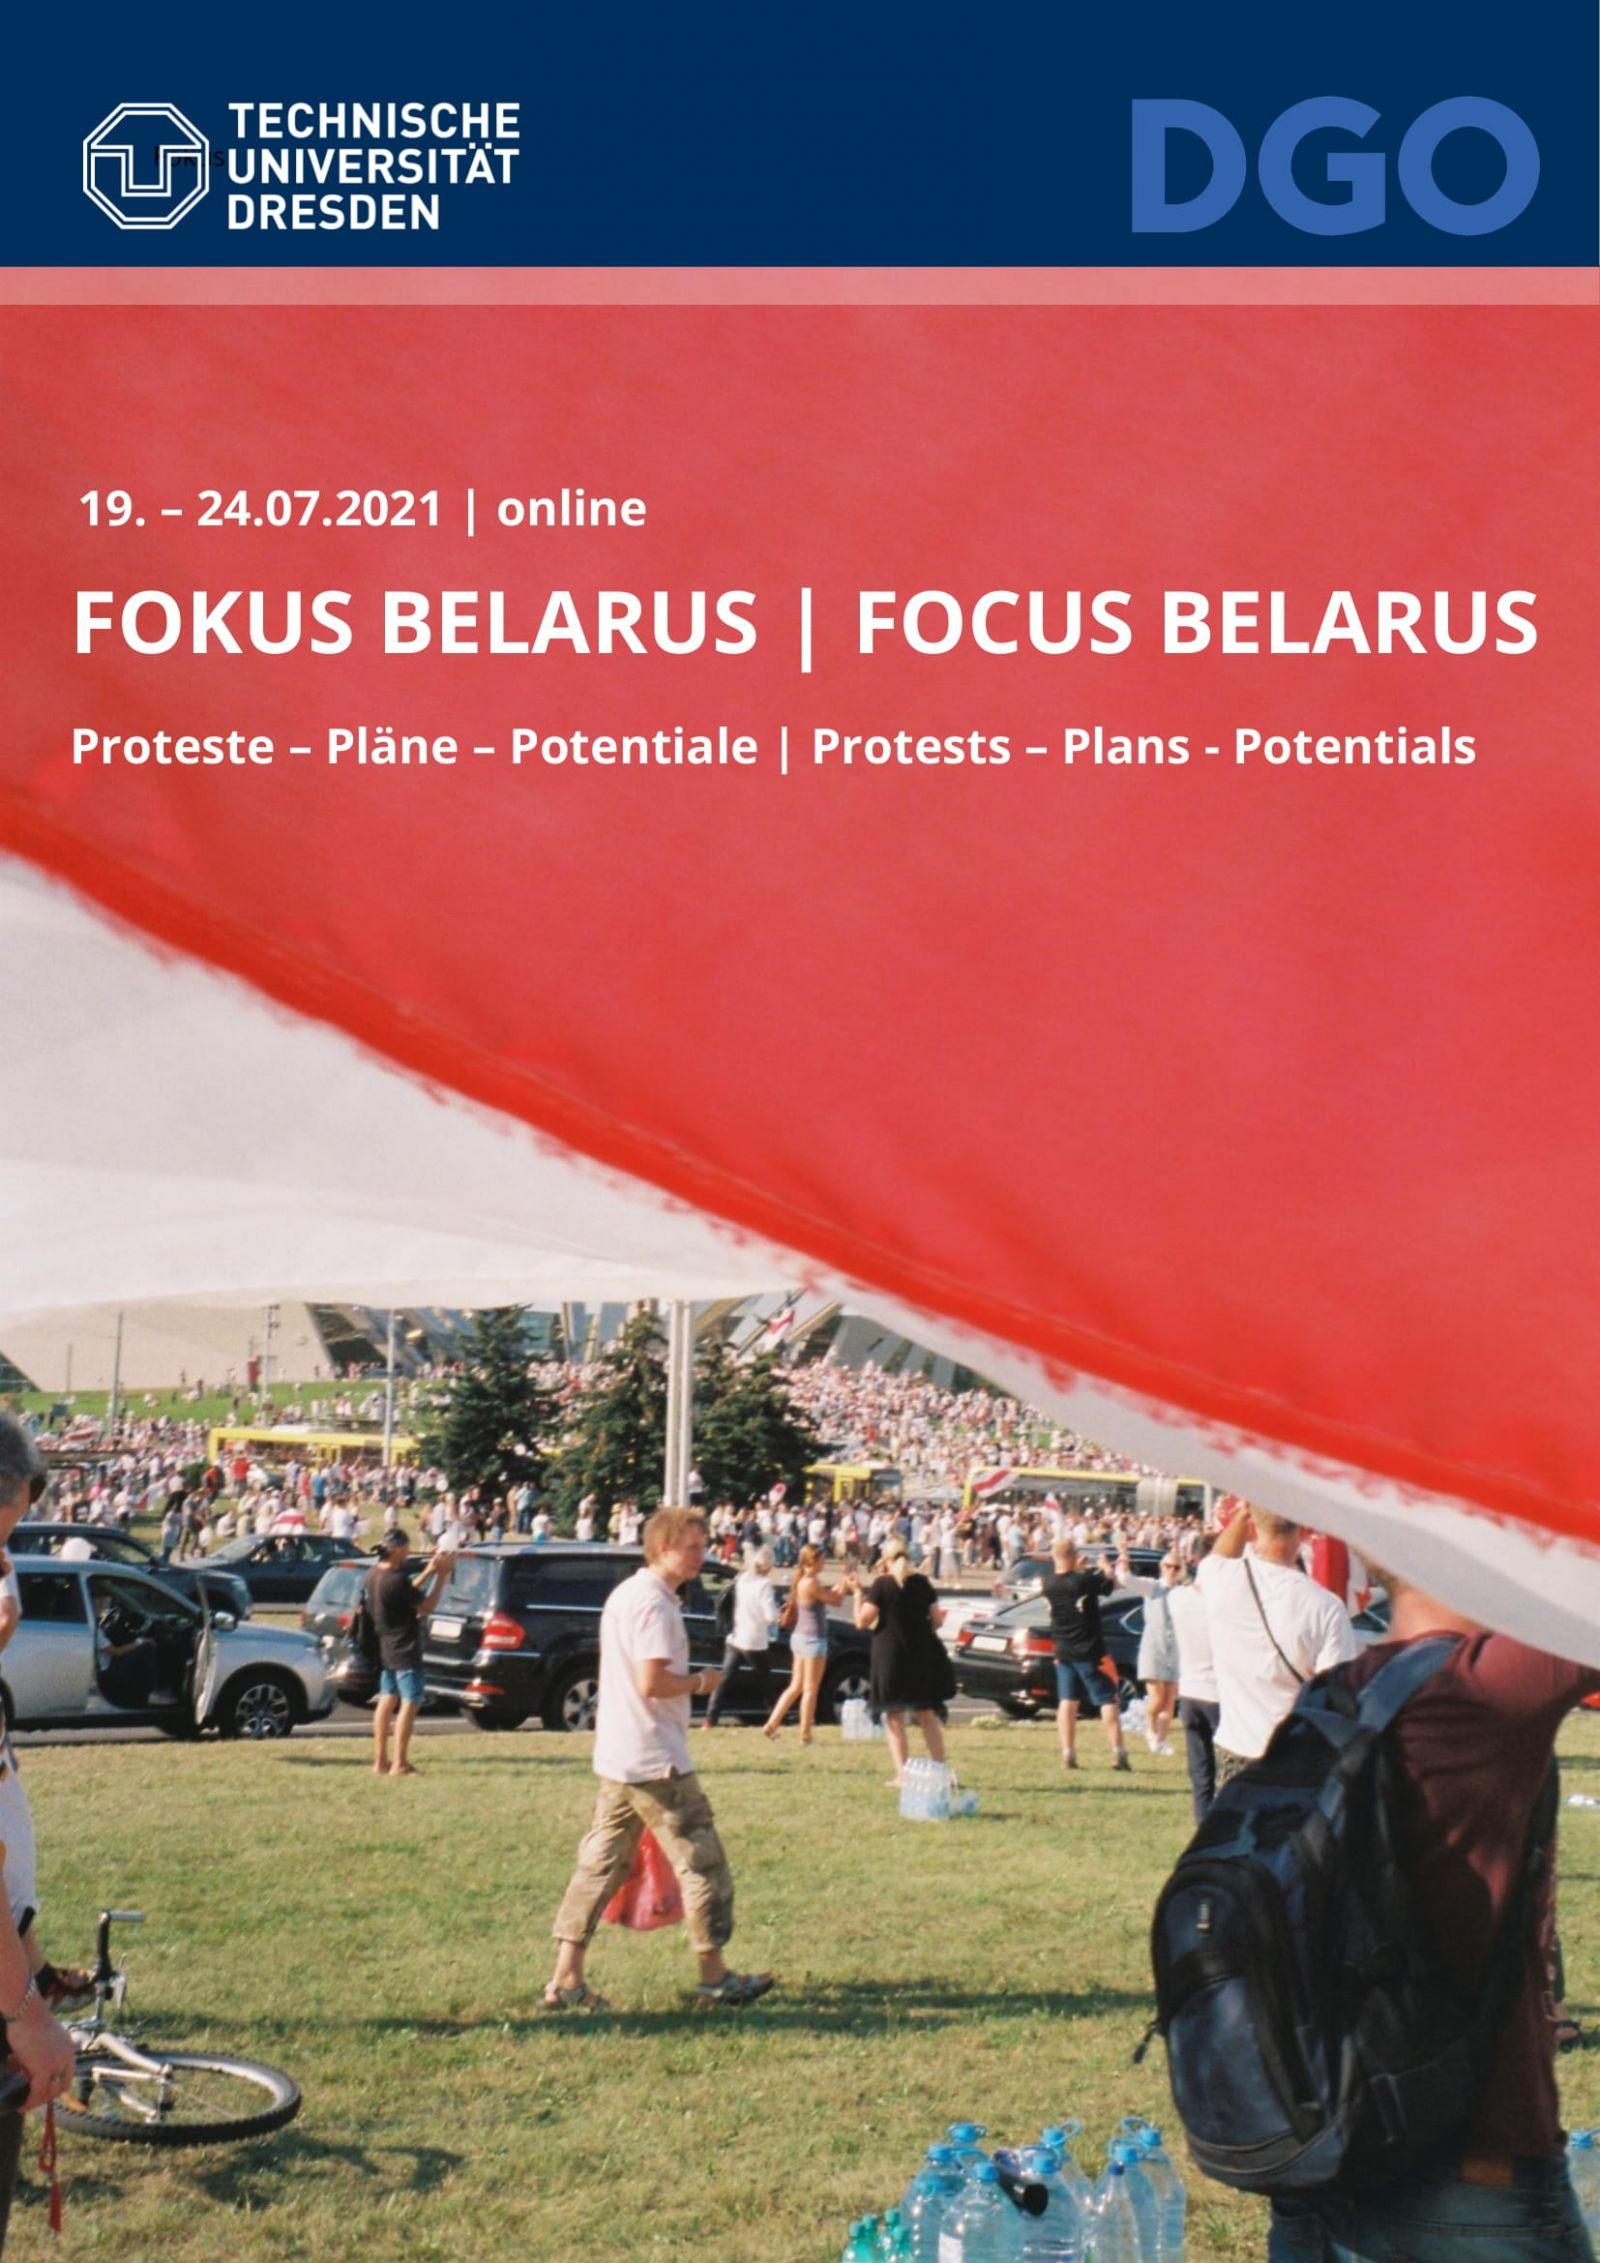 Focus Belarus